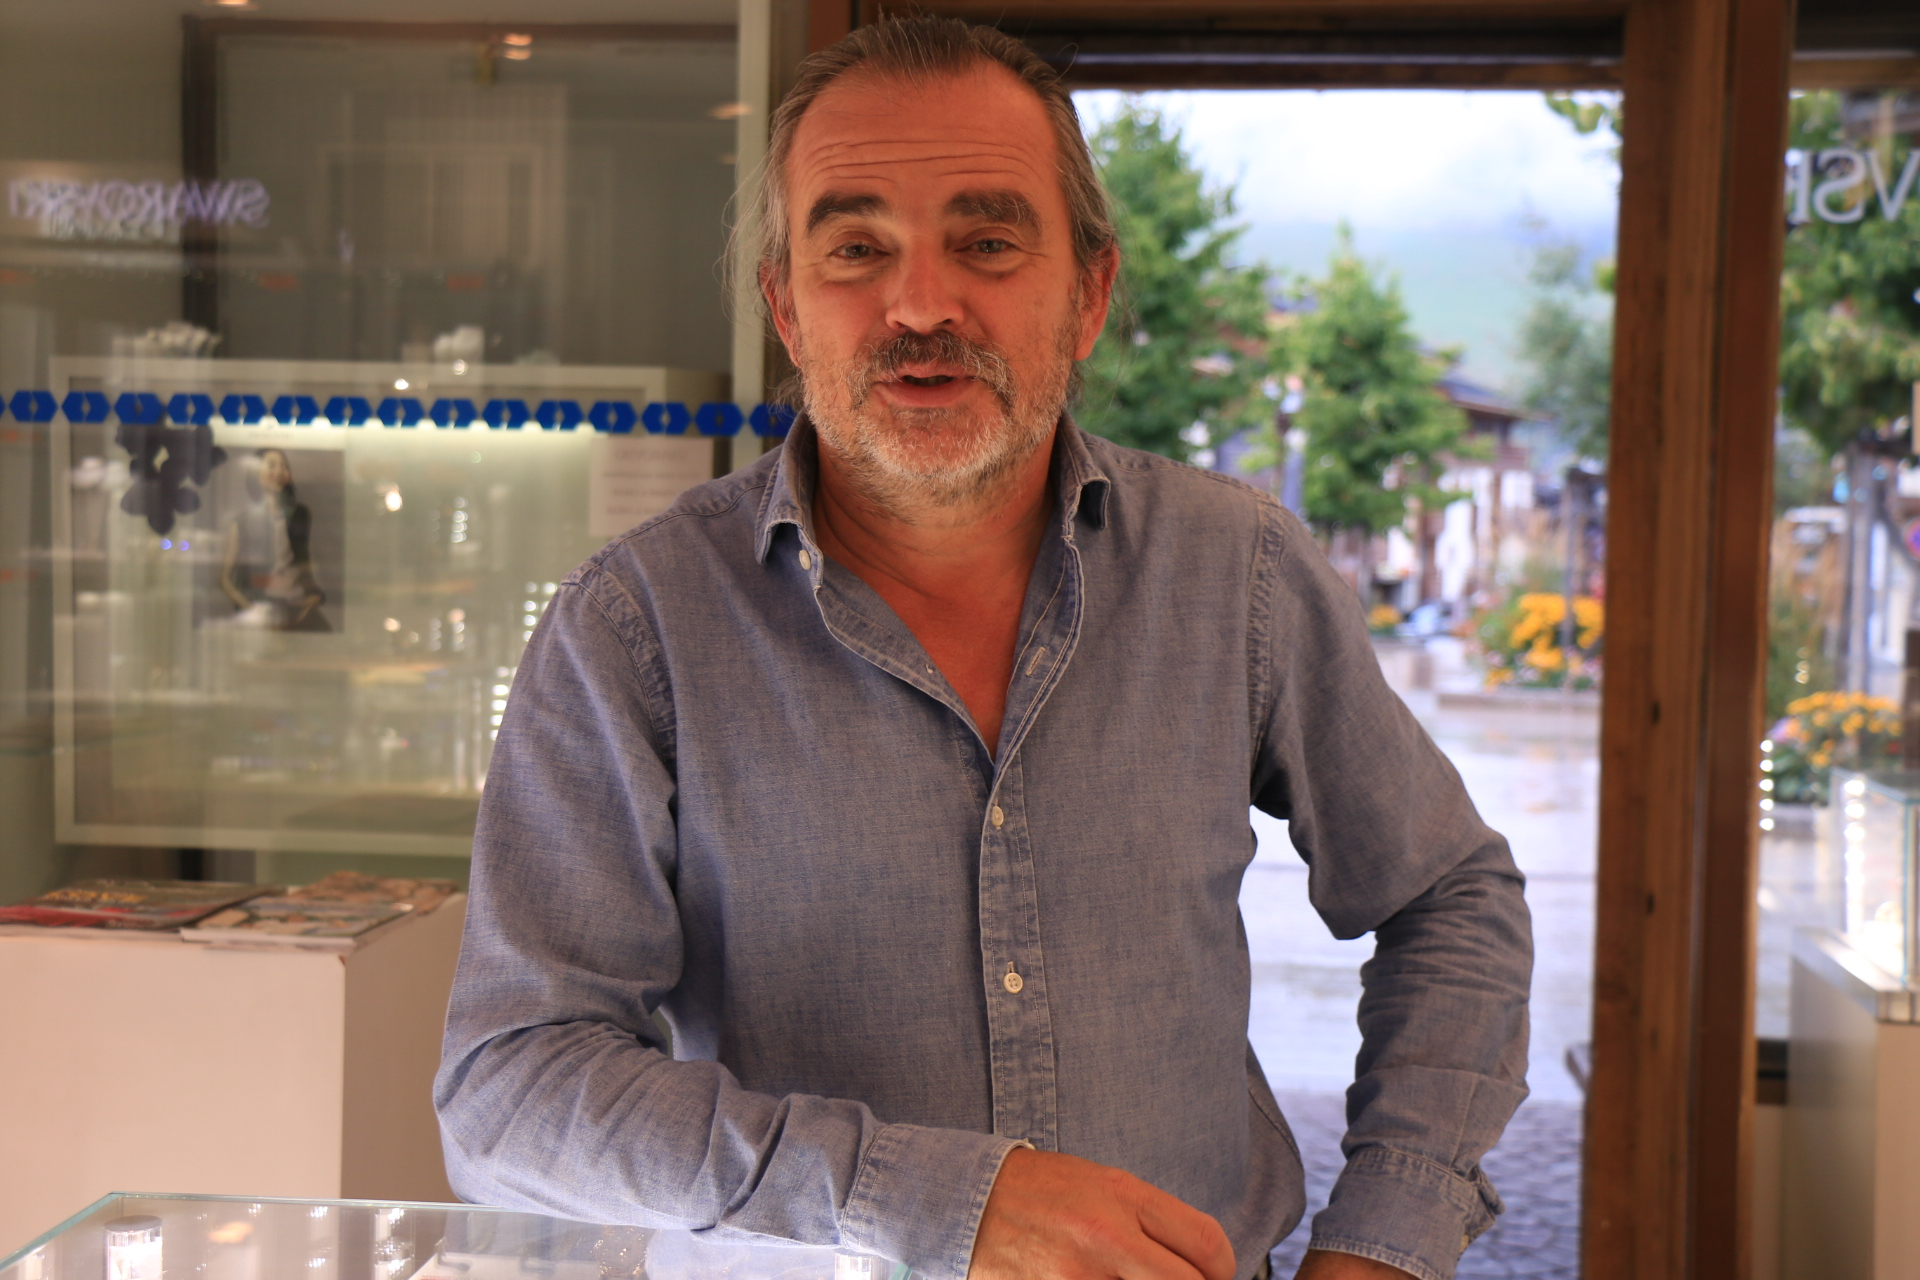 Union des Commerçants de Megève. Didier Prevost bientôt à la tête d'une UCharm 2.0